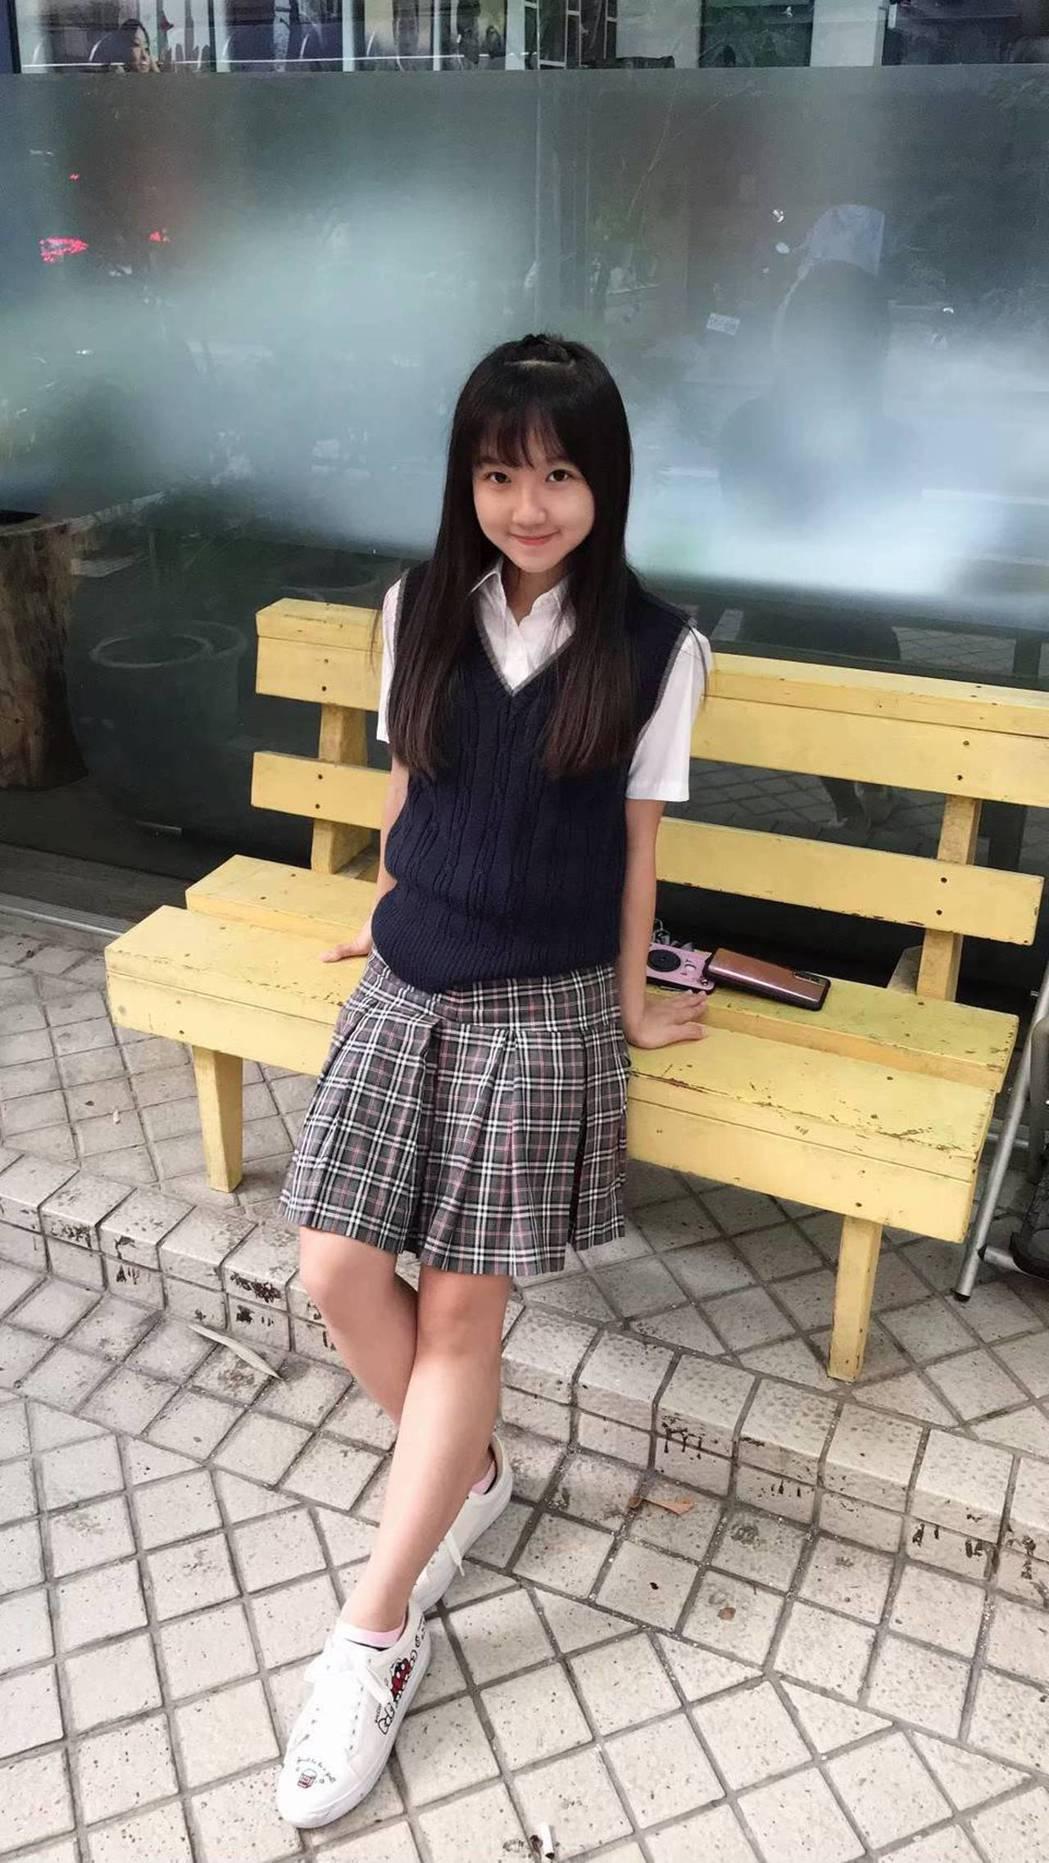 當年的小童星樂樂如今已是美少女將參加高中會考  圖/三立提供